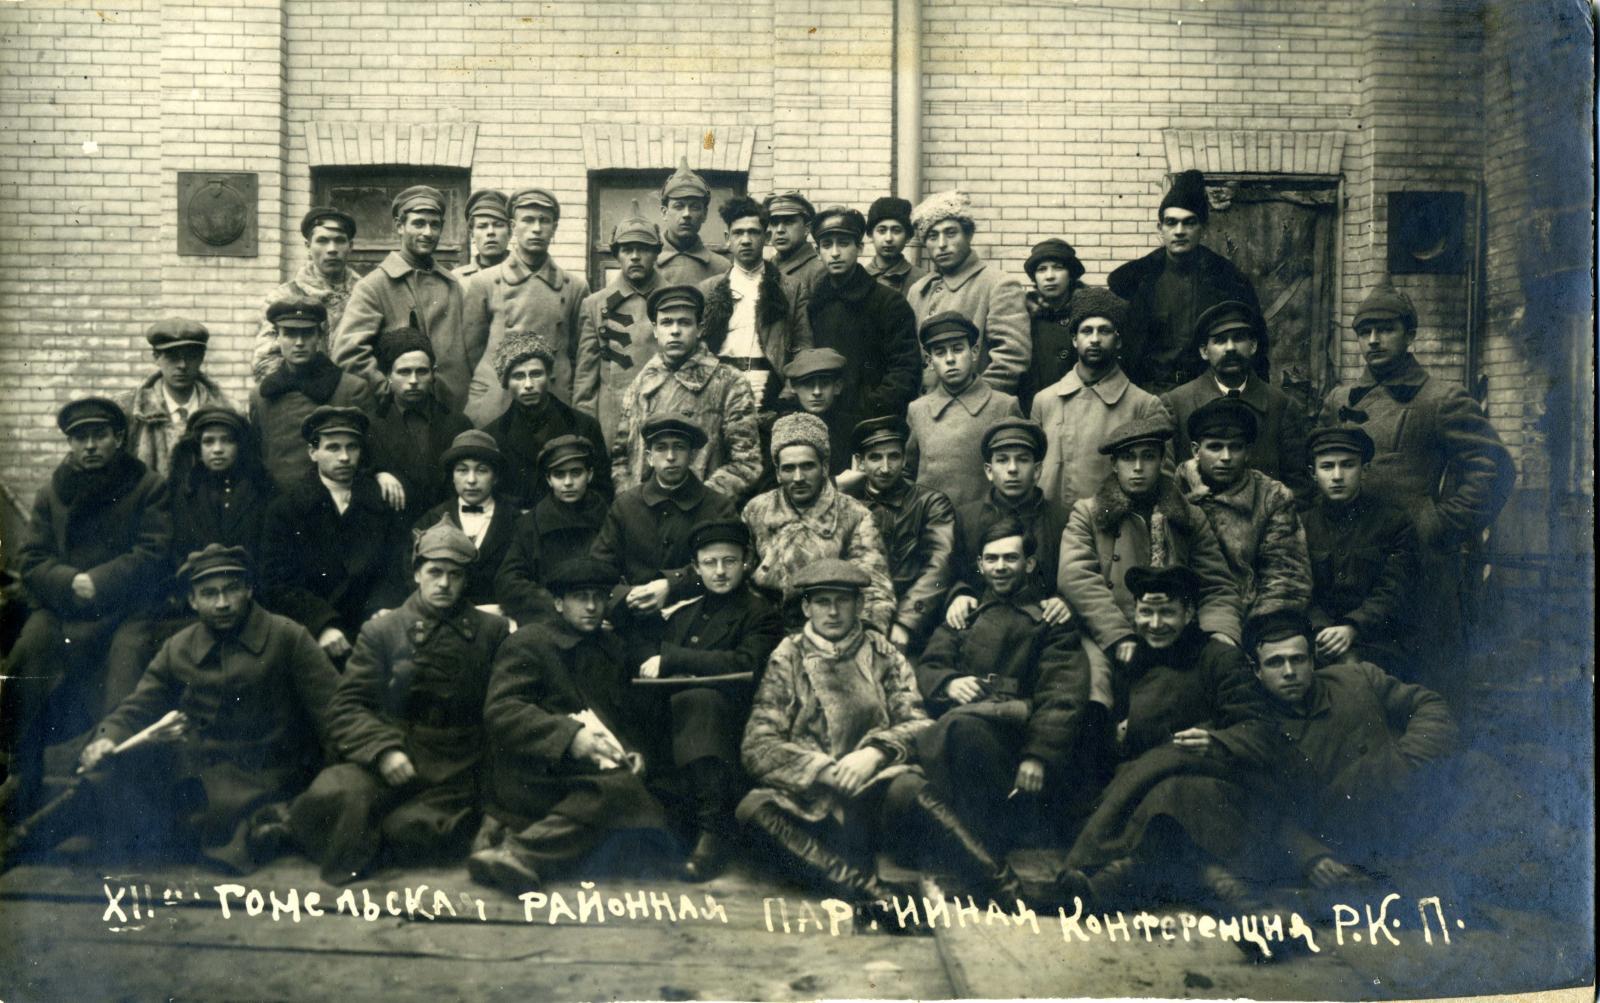 1923. Делегаты XII-й Гомельской районной партийной конференции РКП(б), март.